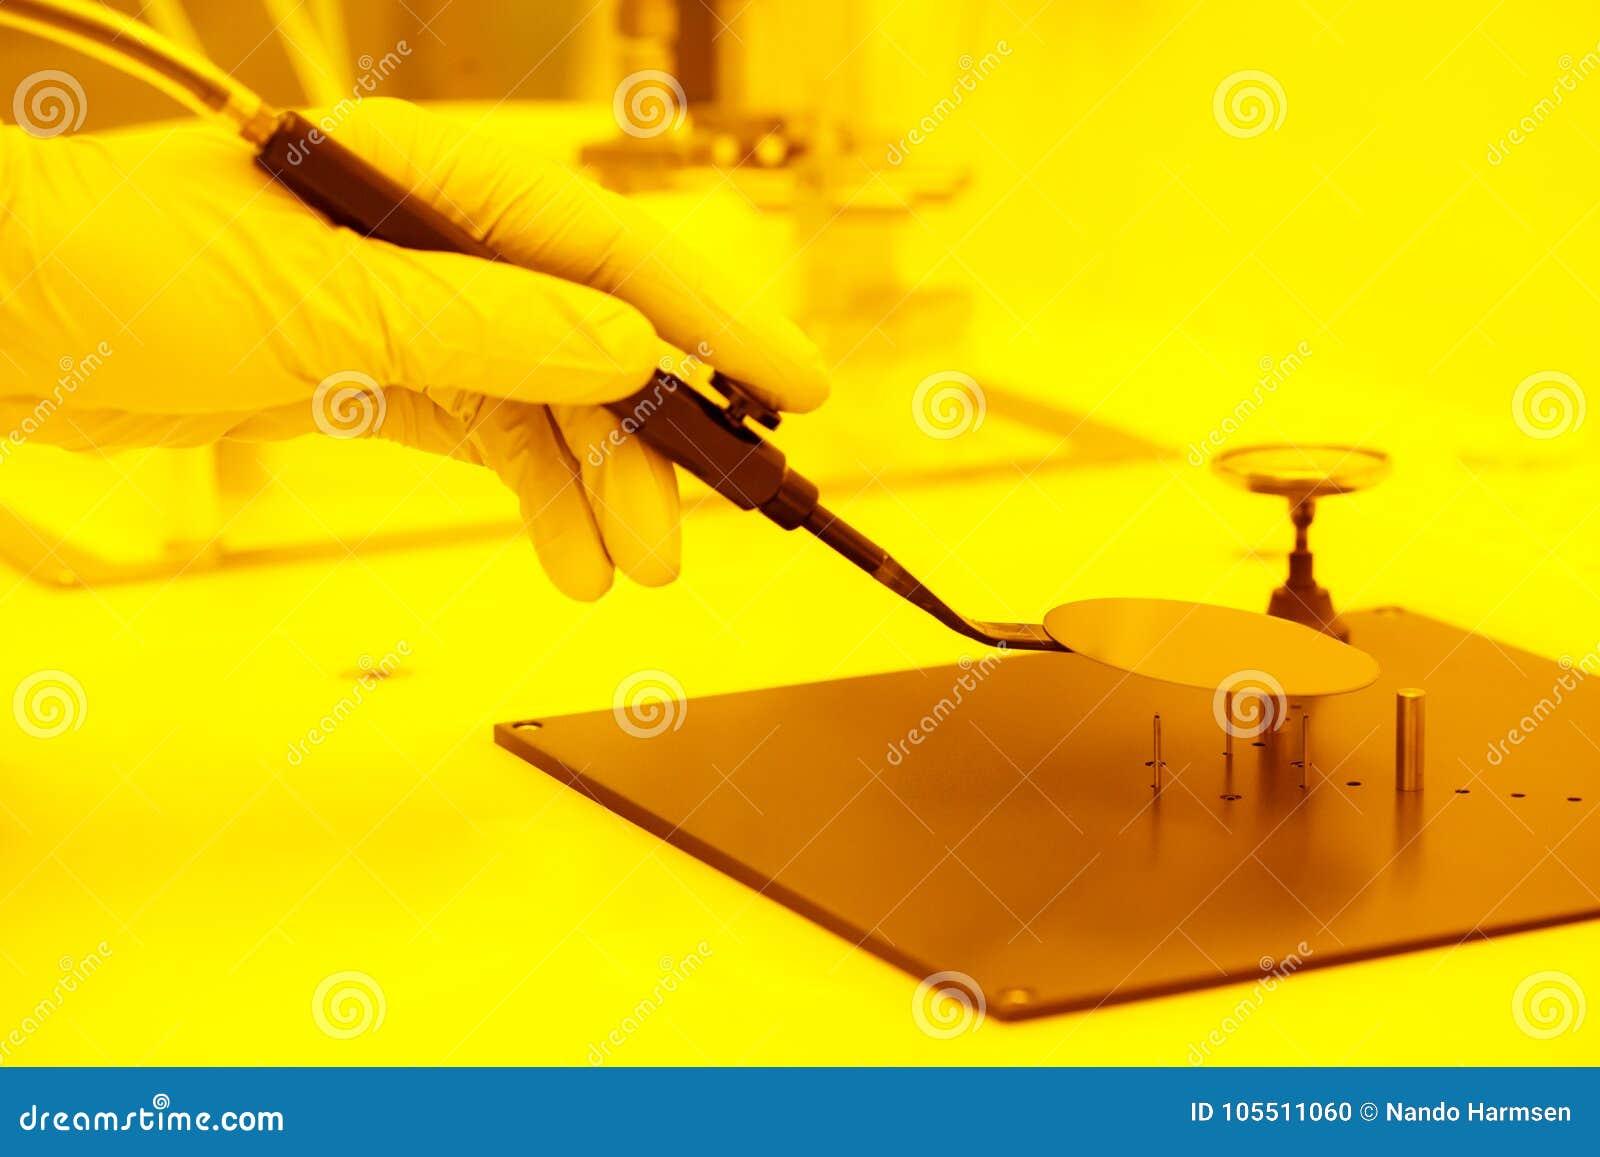 Placement d une gaufrette avec une brucelles de vide à l intérieur d une salle jaune